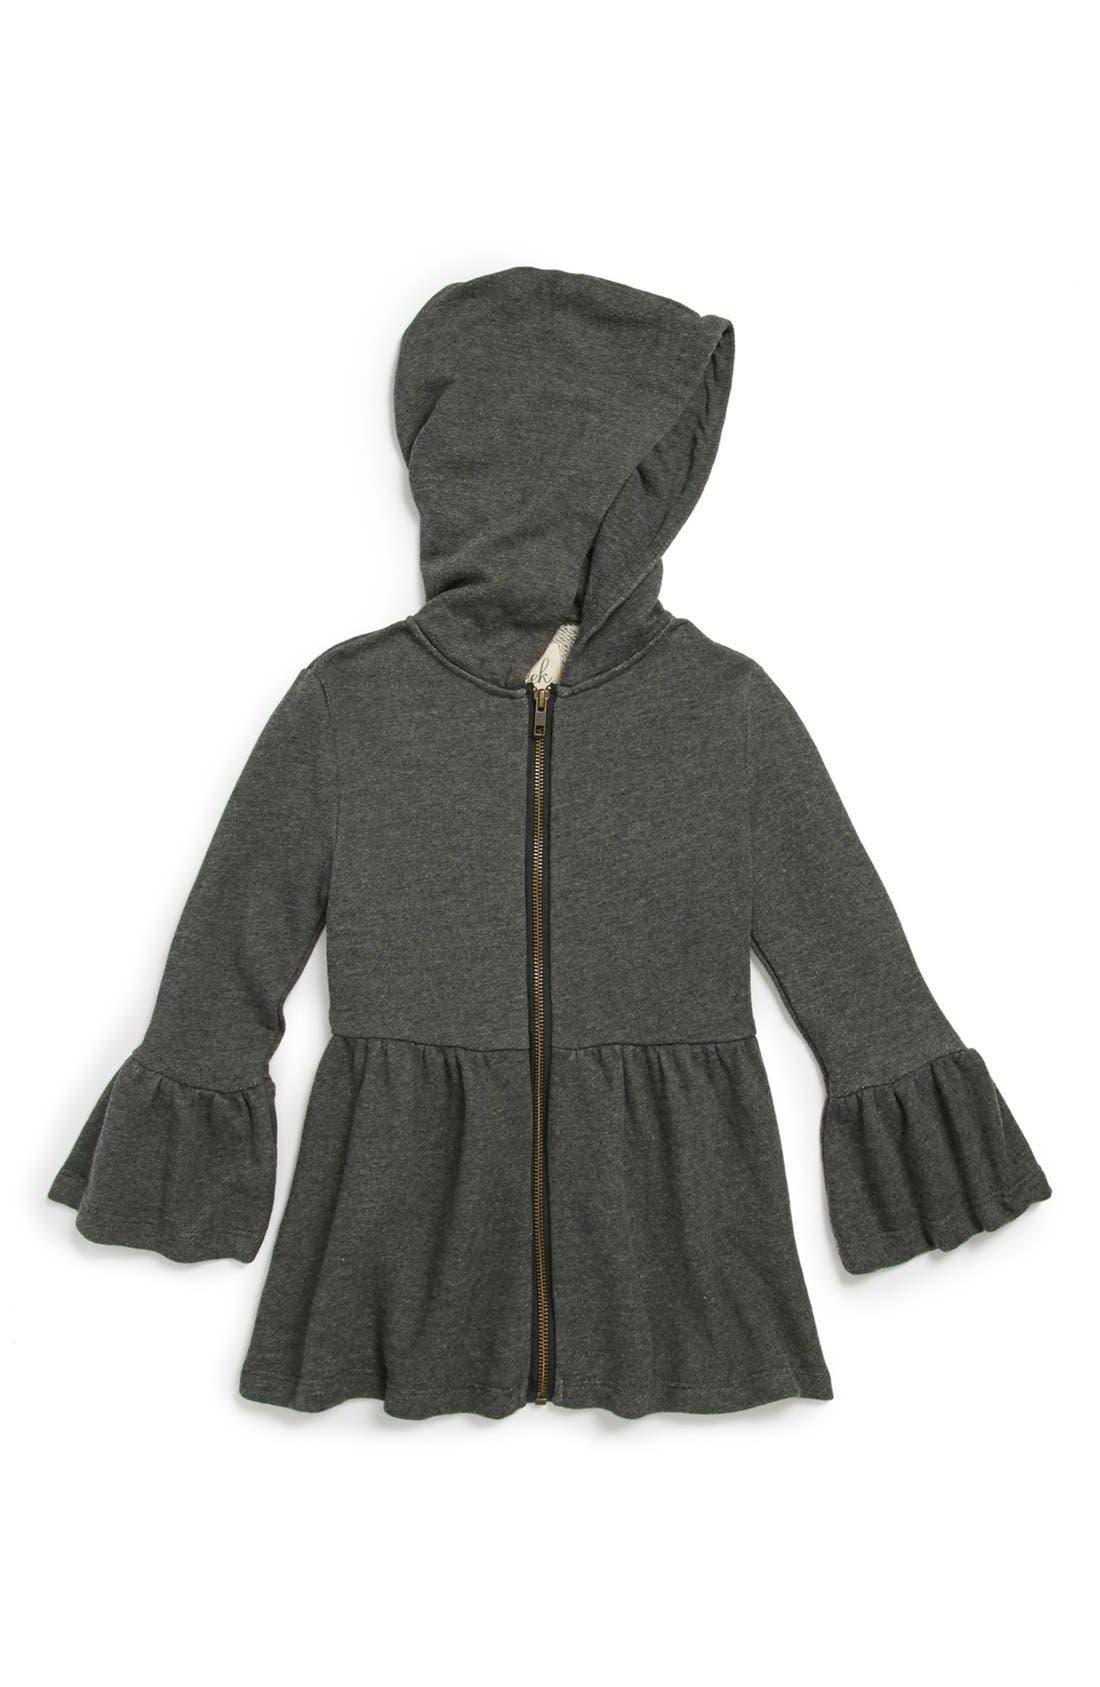 Main Image - Peek 'Pippa' Hoodie Jacket (Toddler Girls, Little Girls & Big Girls)